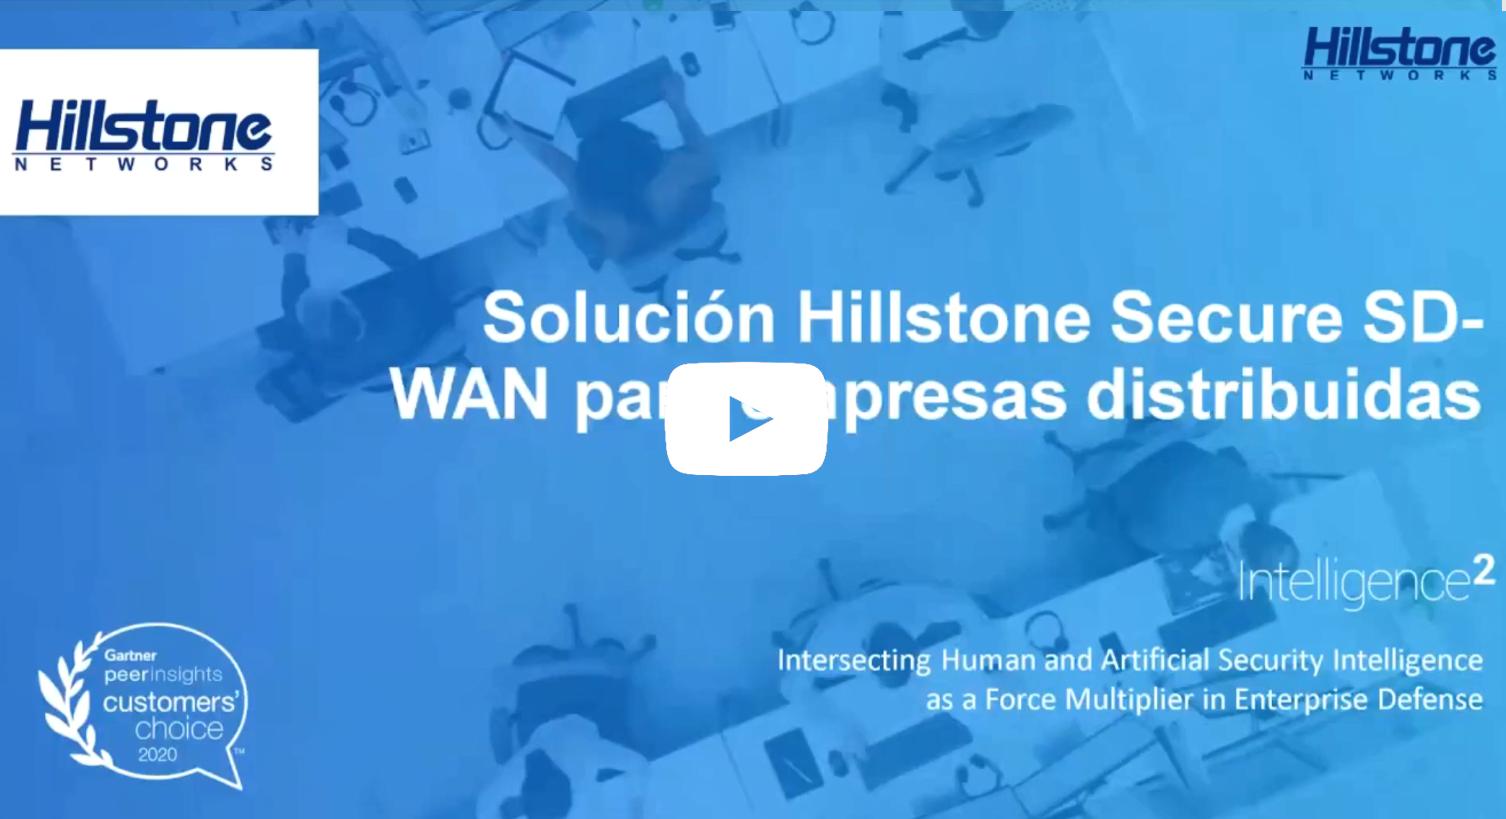 Watch LA SOLUCIÓN SEGURA SD-WAN DE HILLSTONE PARA LAS EMPRESAS DISTRIBUIDAS